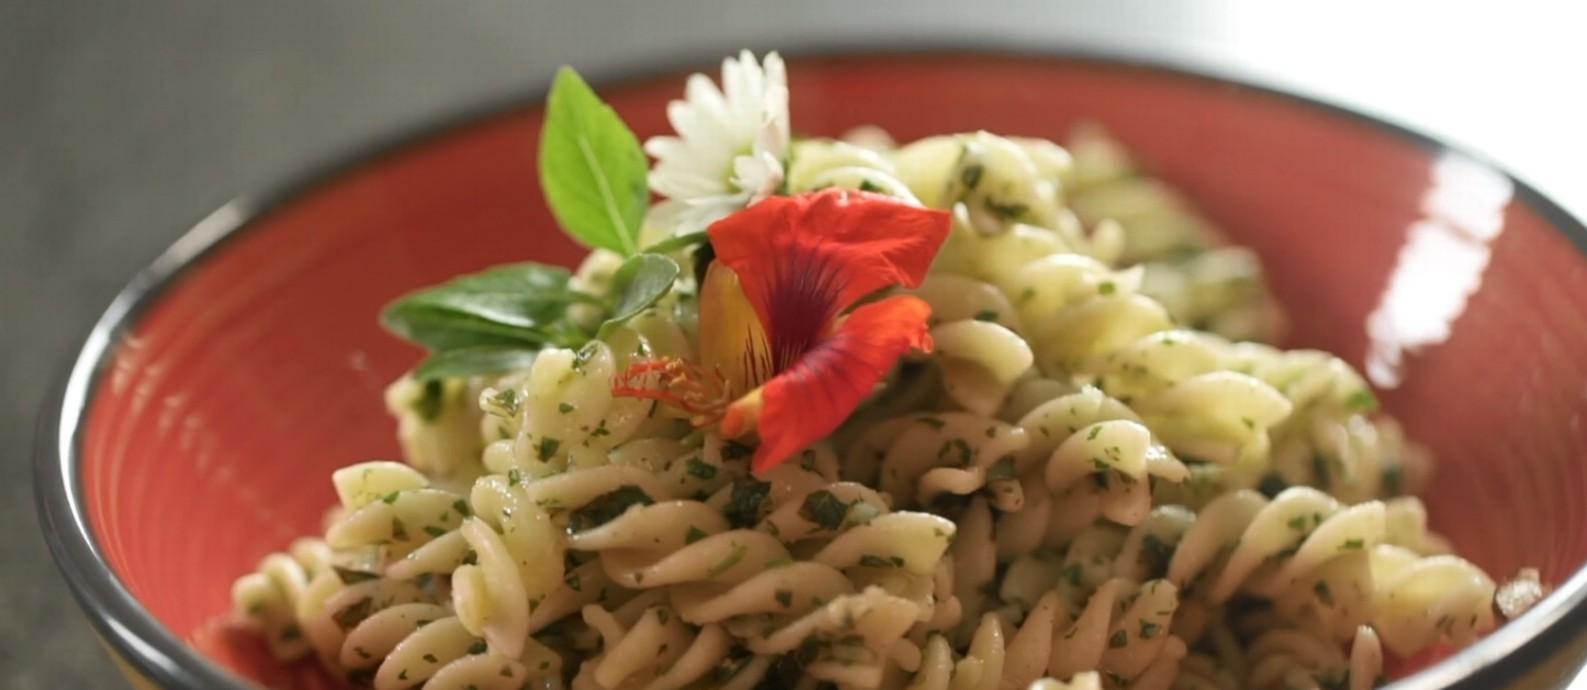 Versão da receita de origem italiana leva manjericão, salsa e castanha-do-pará Foto: G.lab